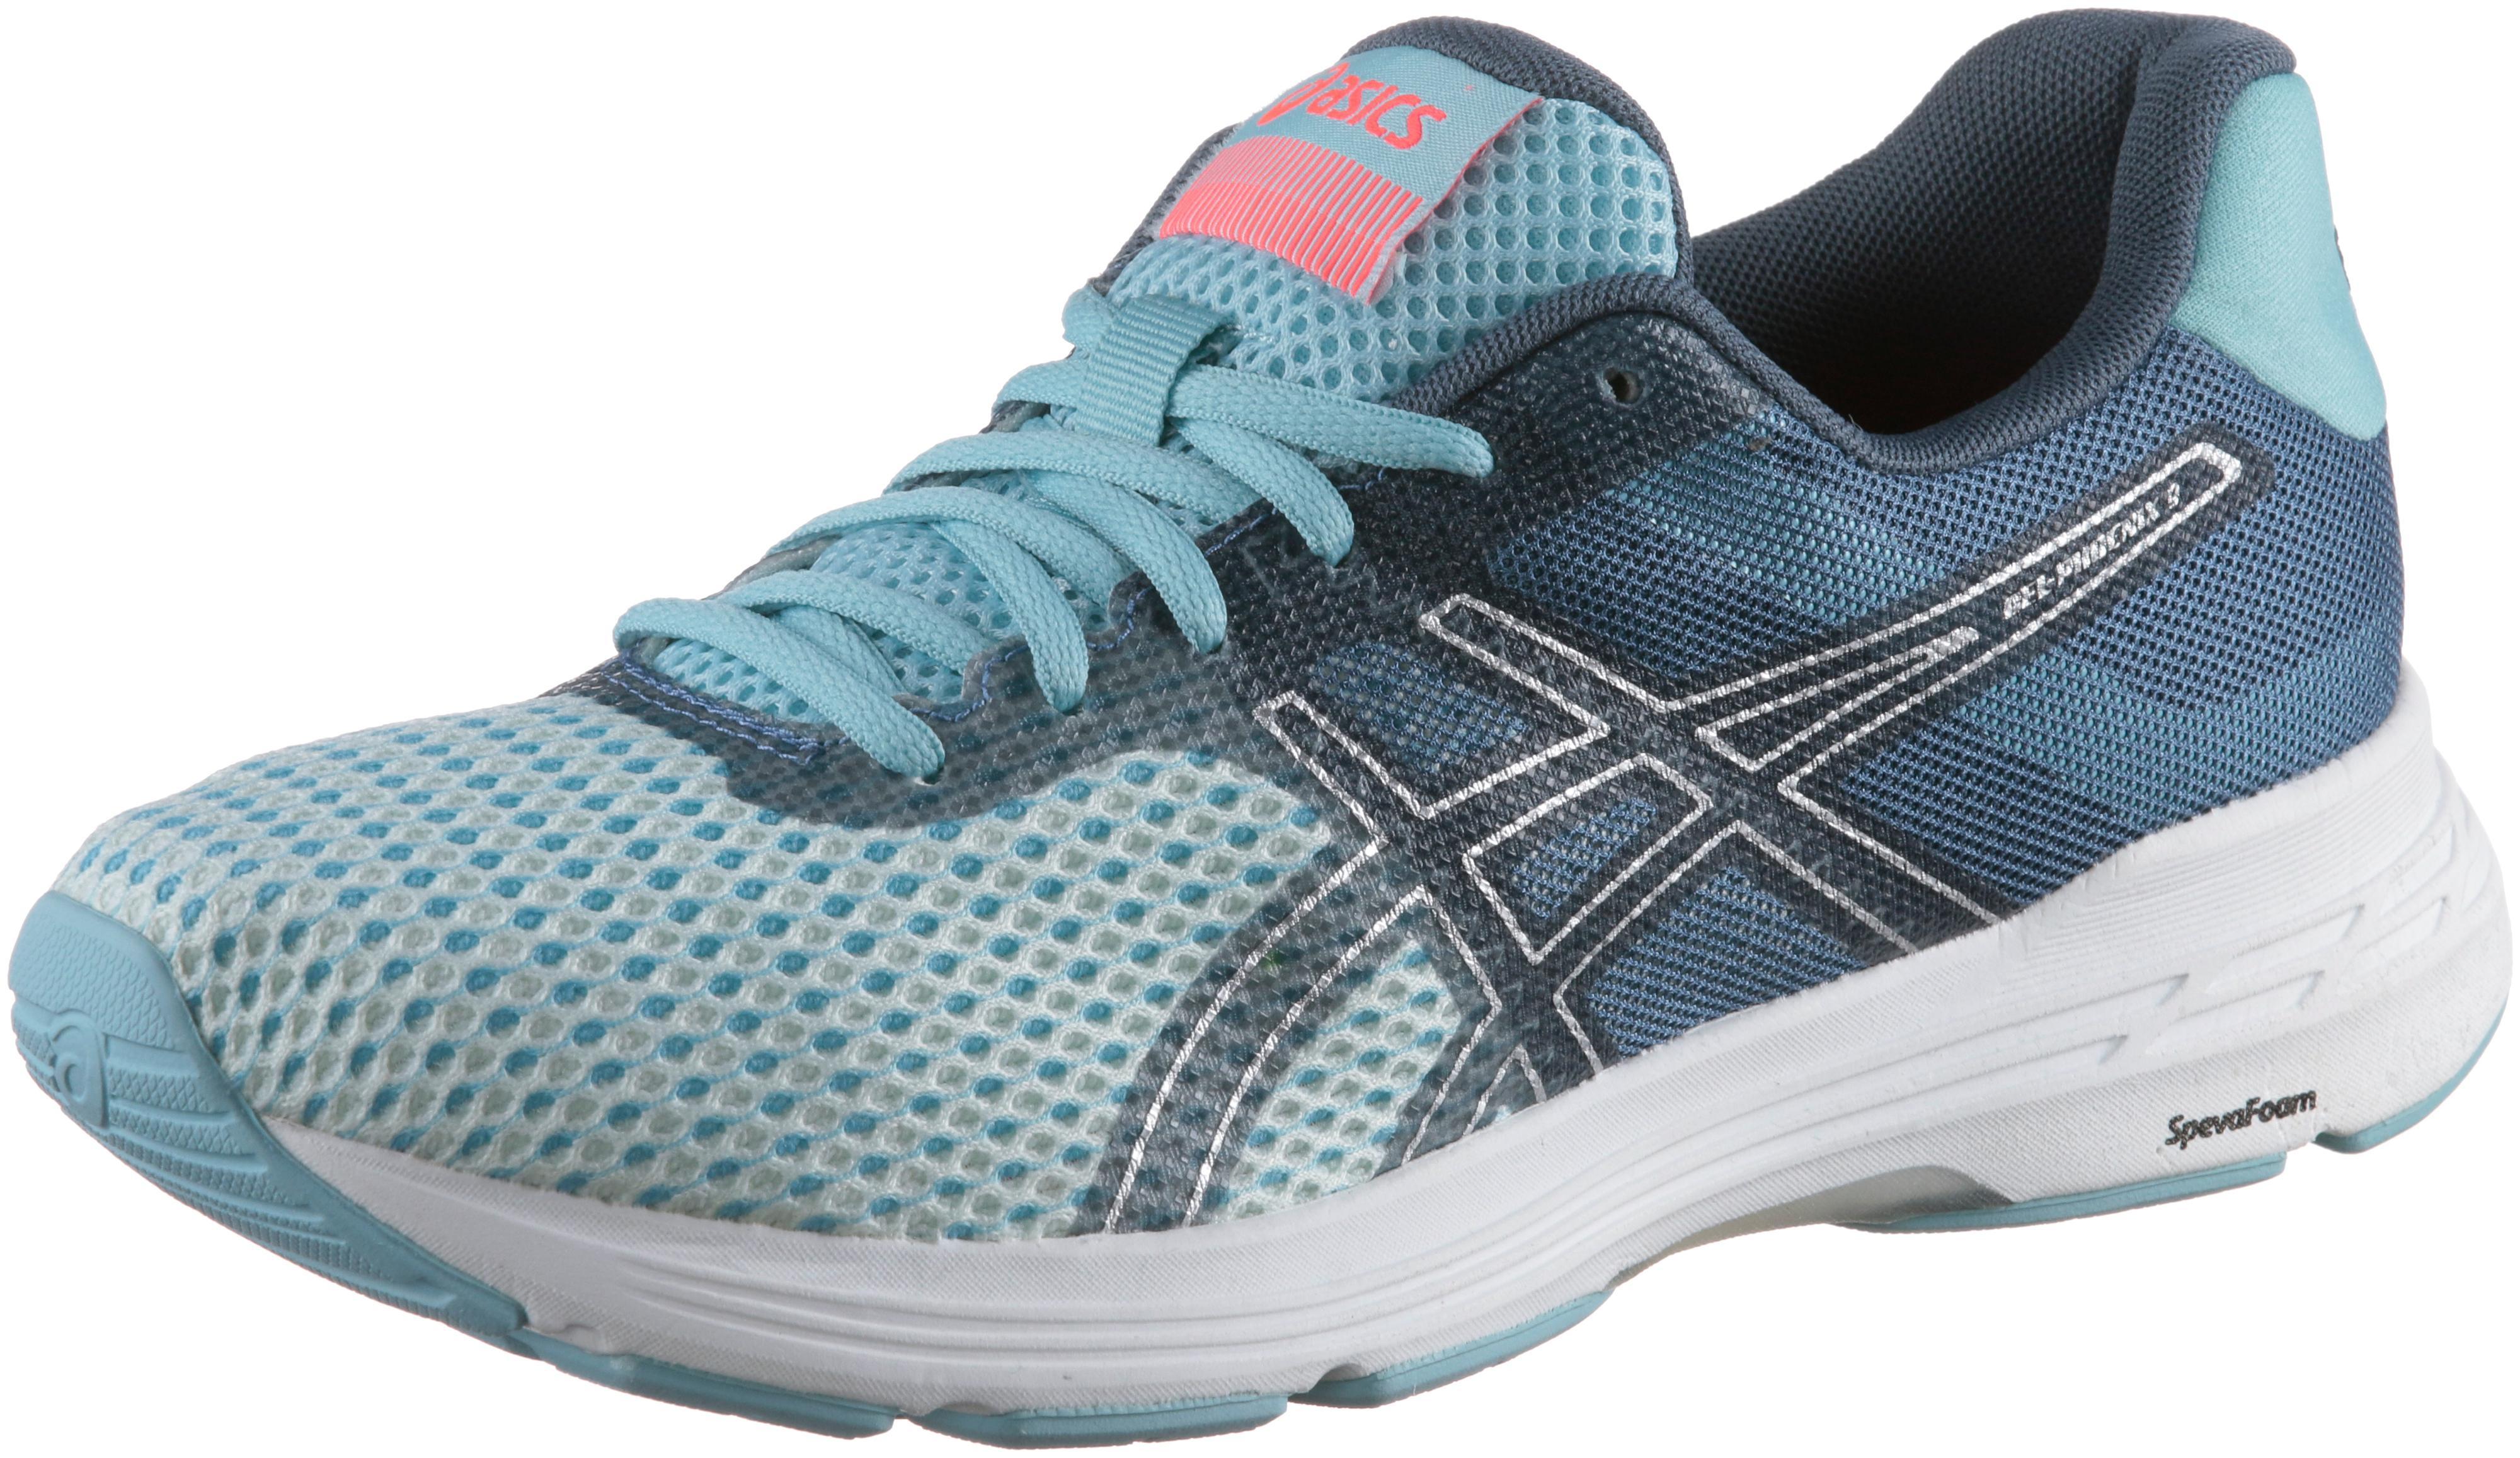 ASICS GEL-PHOENIX 9 Laufschuhe Damen porcelain blue-silver-flash coral im  Online Shop von SportScheck kaufen